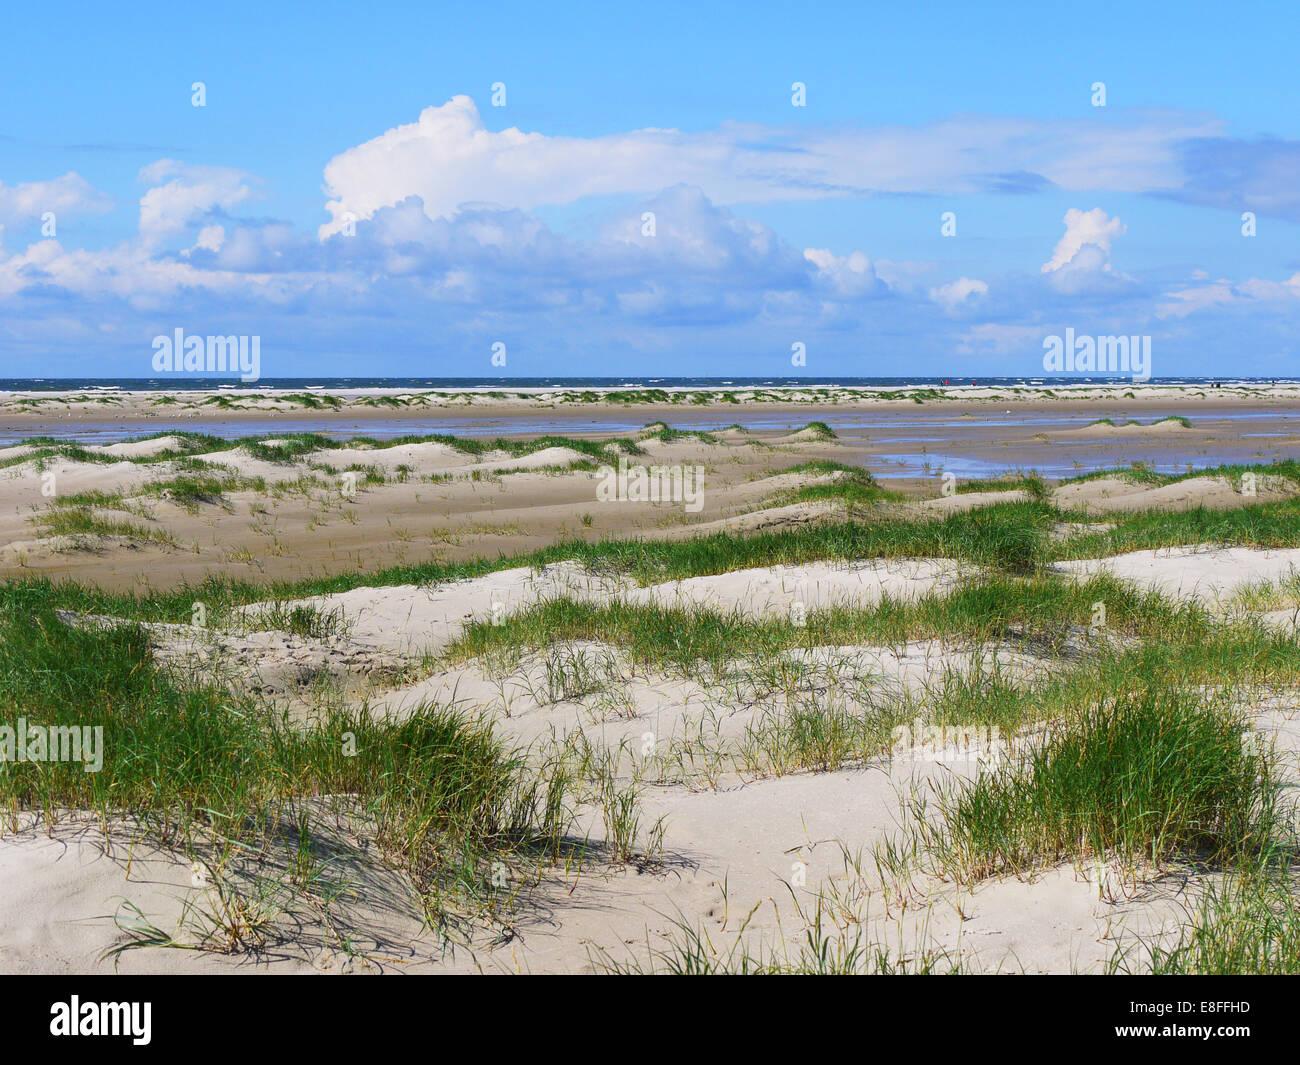 Empty beach, Fanoe Bad, Fanoe, Denmark - Stock Image